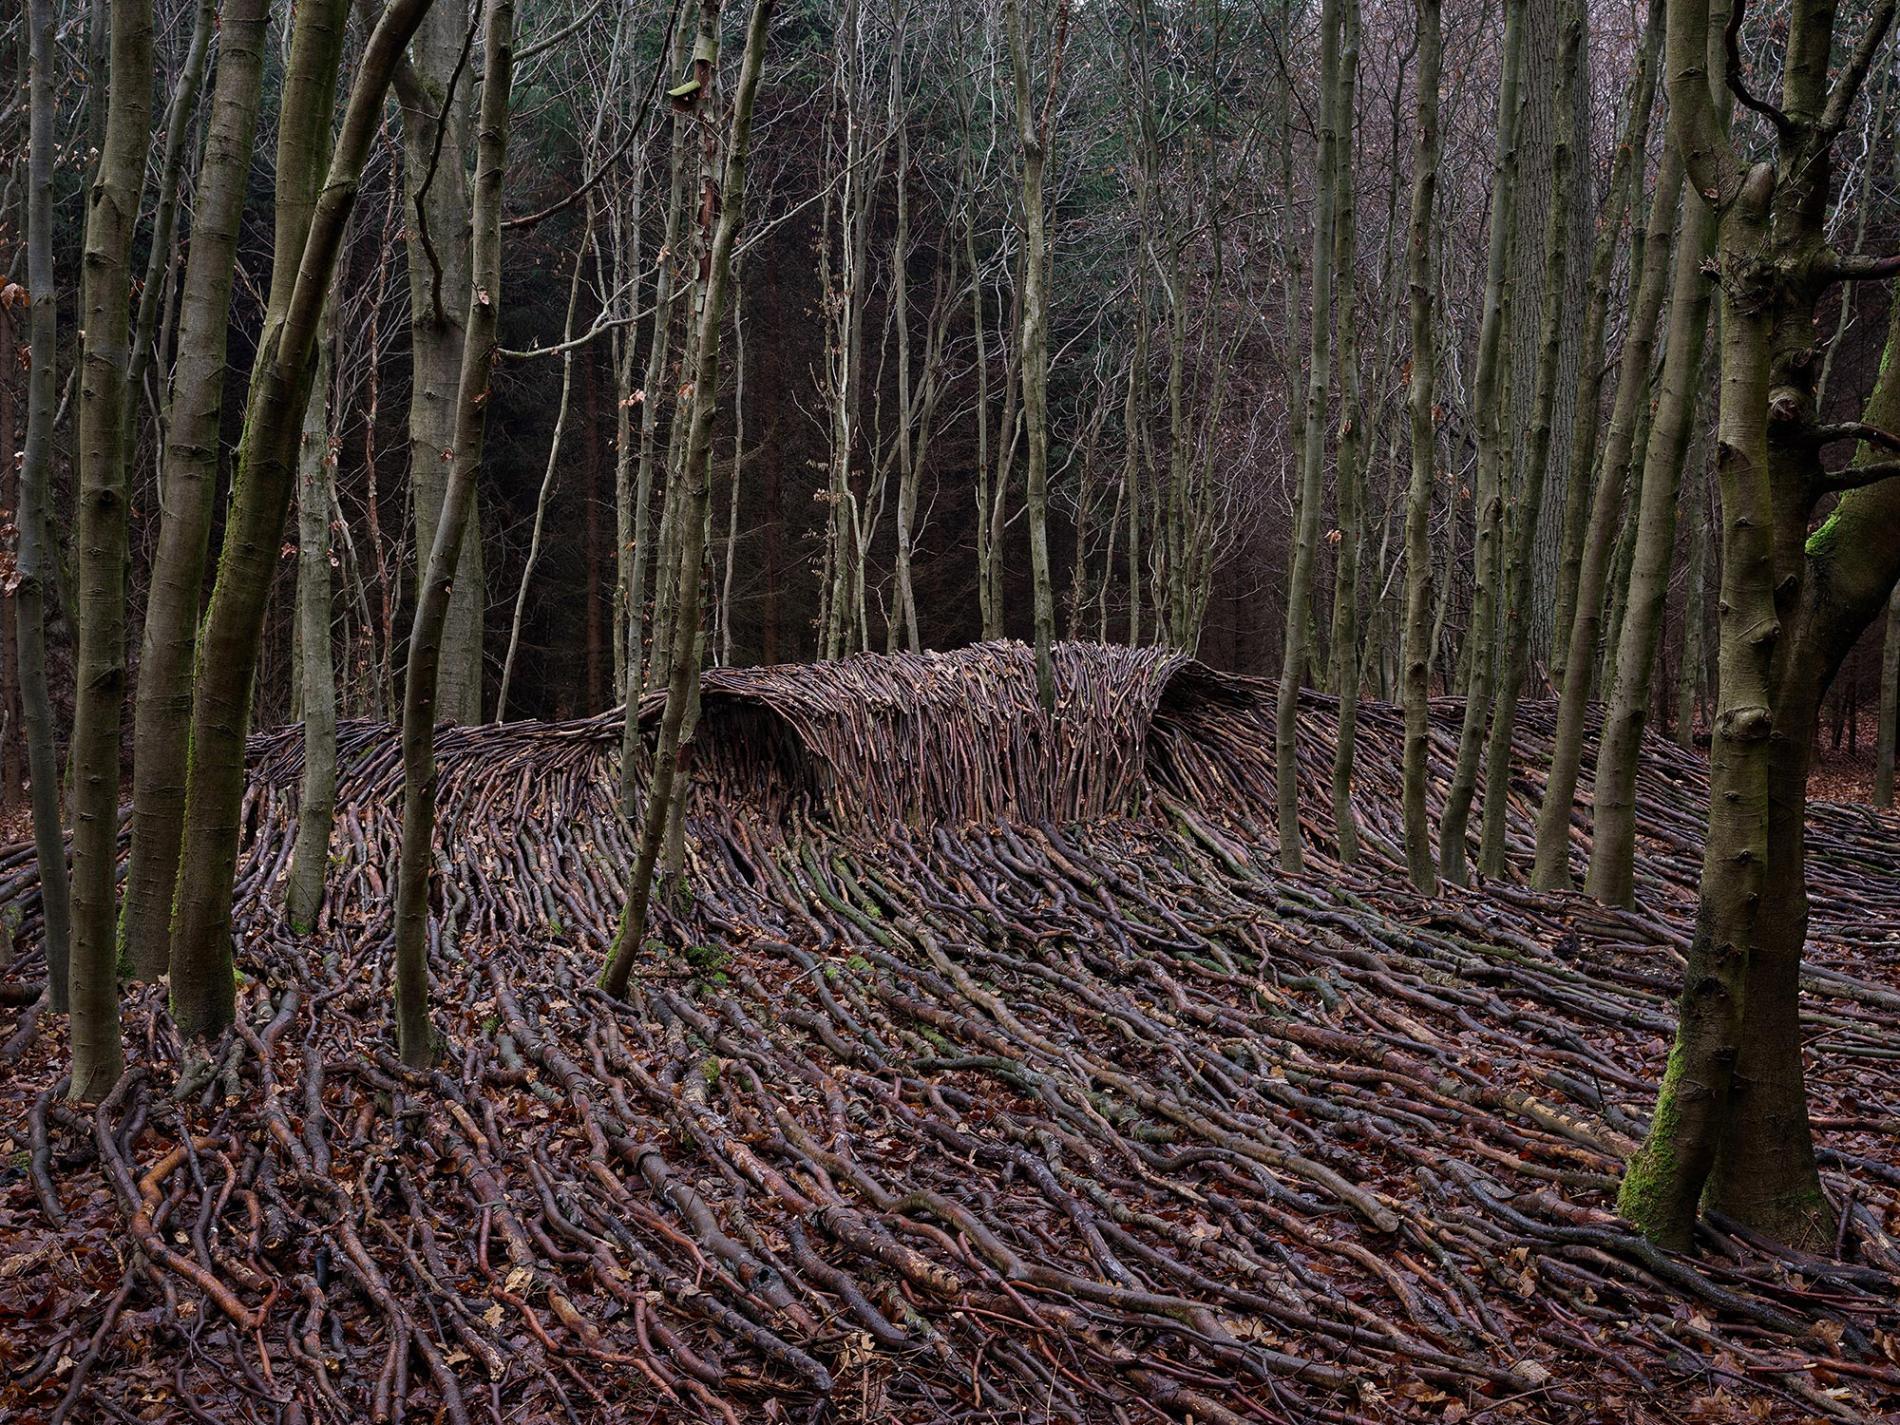 olas de madera fotografia Jörg Gläscher cerrona